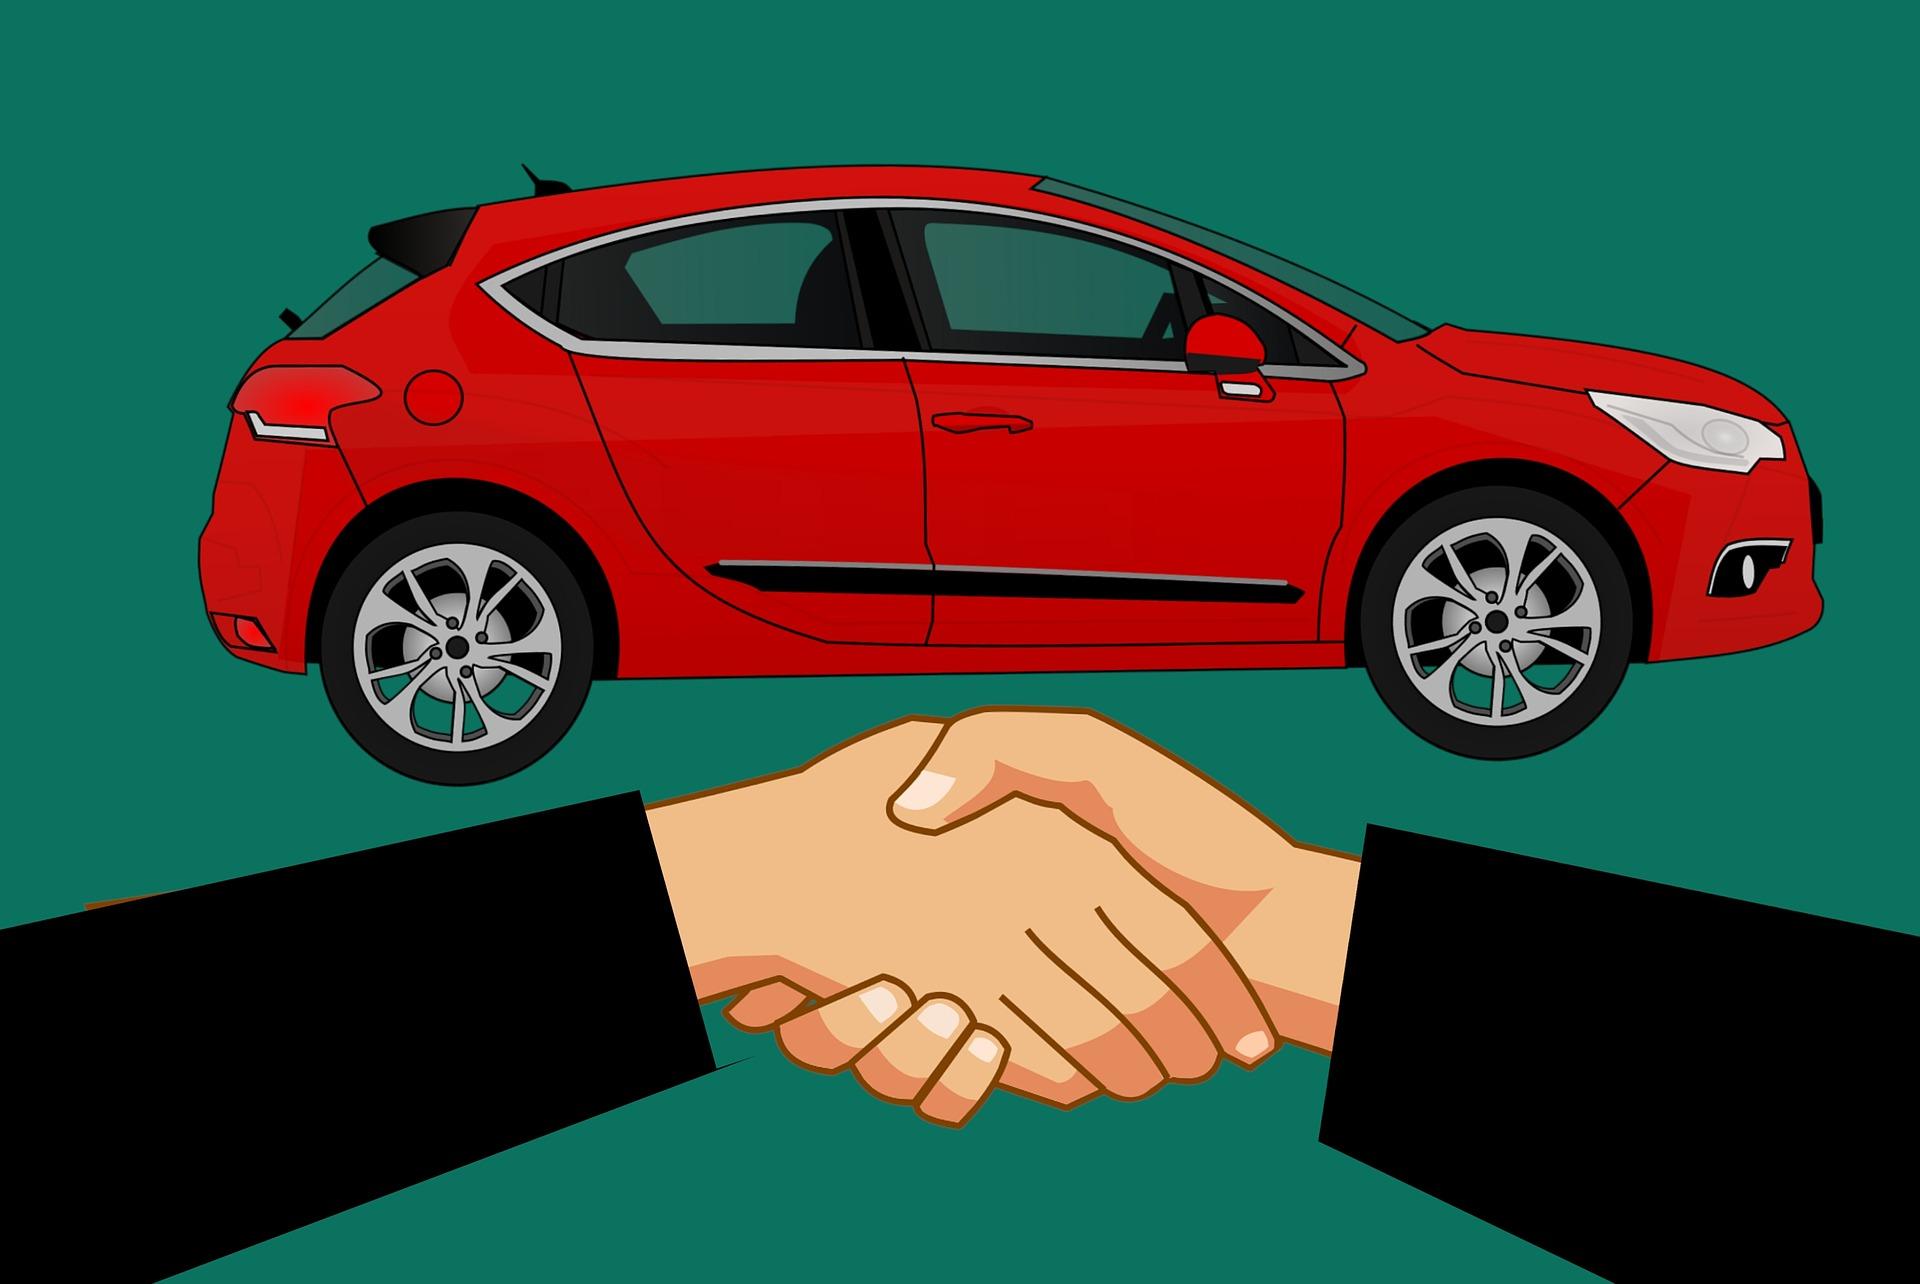 Imagem de um carro e duas pessoas dando as mãos como sinal de um acordo